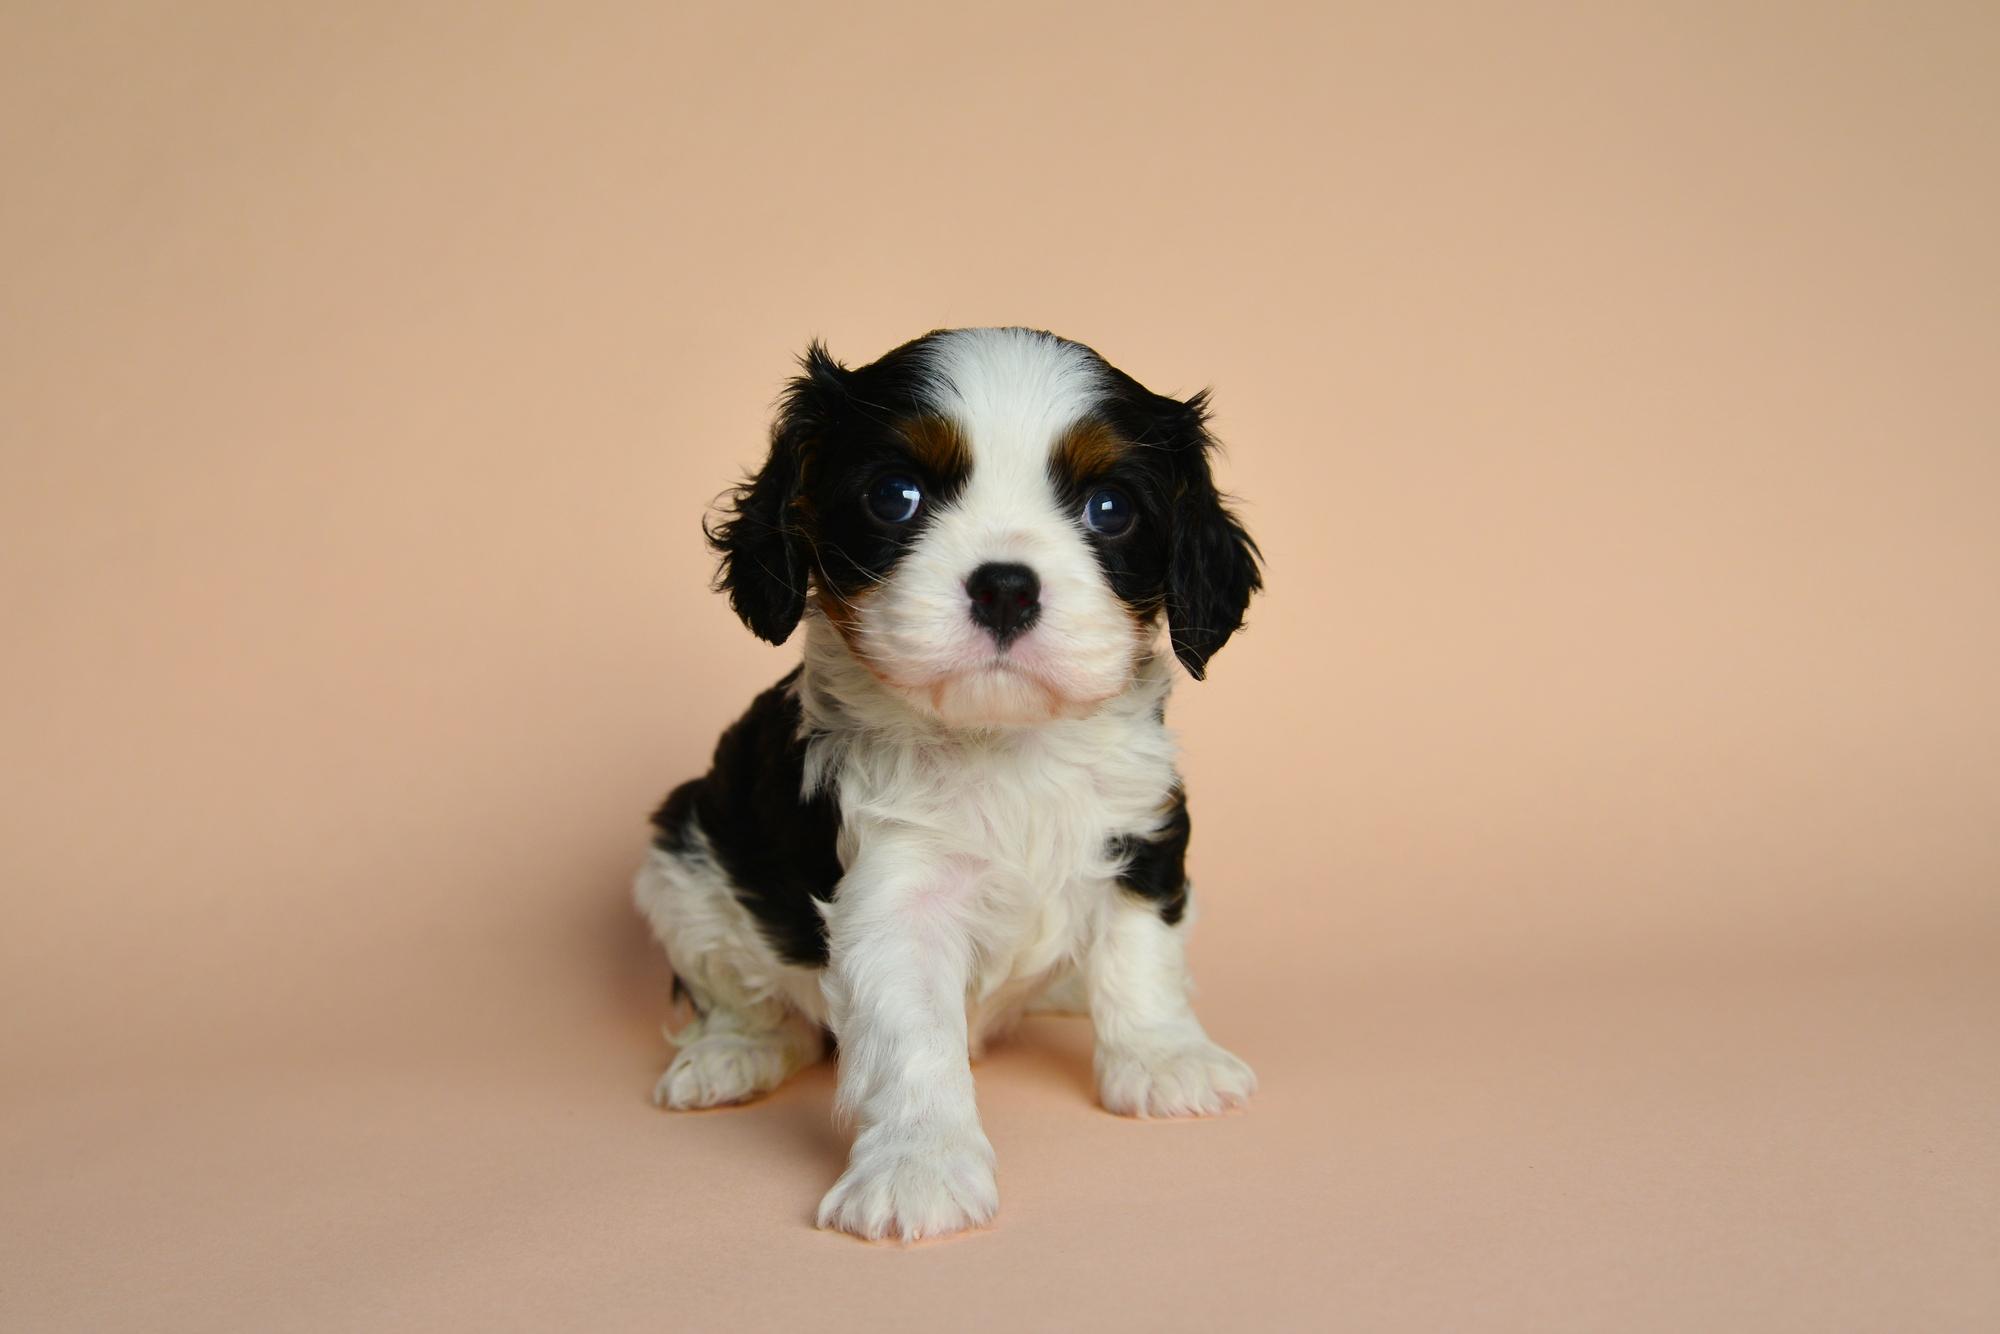 【獣医師監修】【重要】しつけは子犬の頃から始めよう!!子犬のしつけ方と注意点